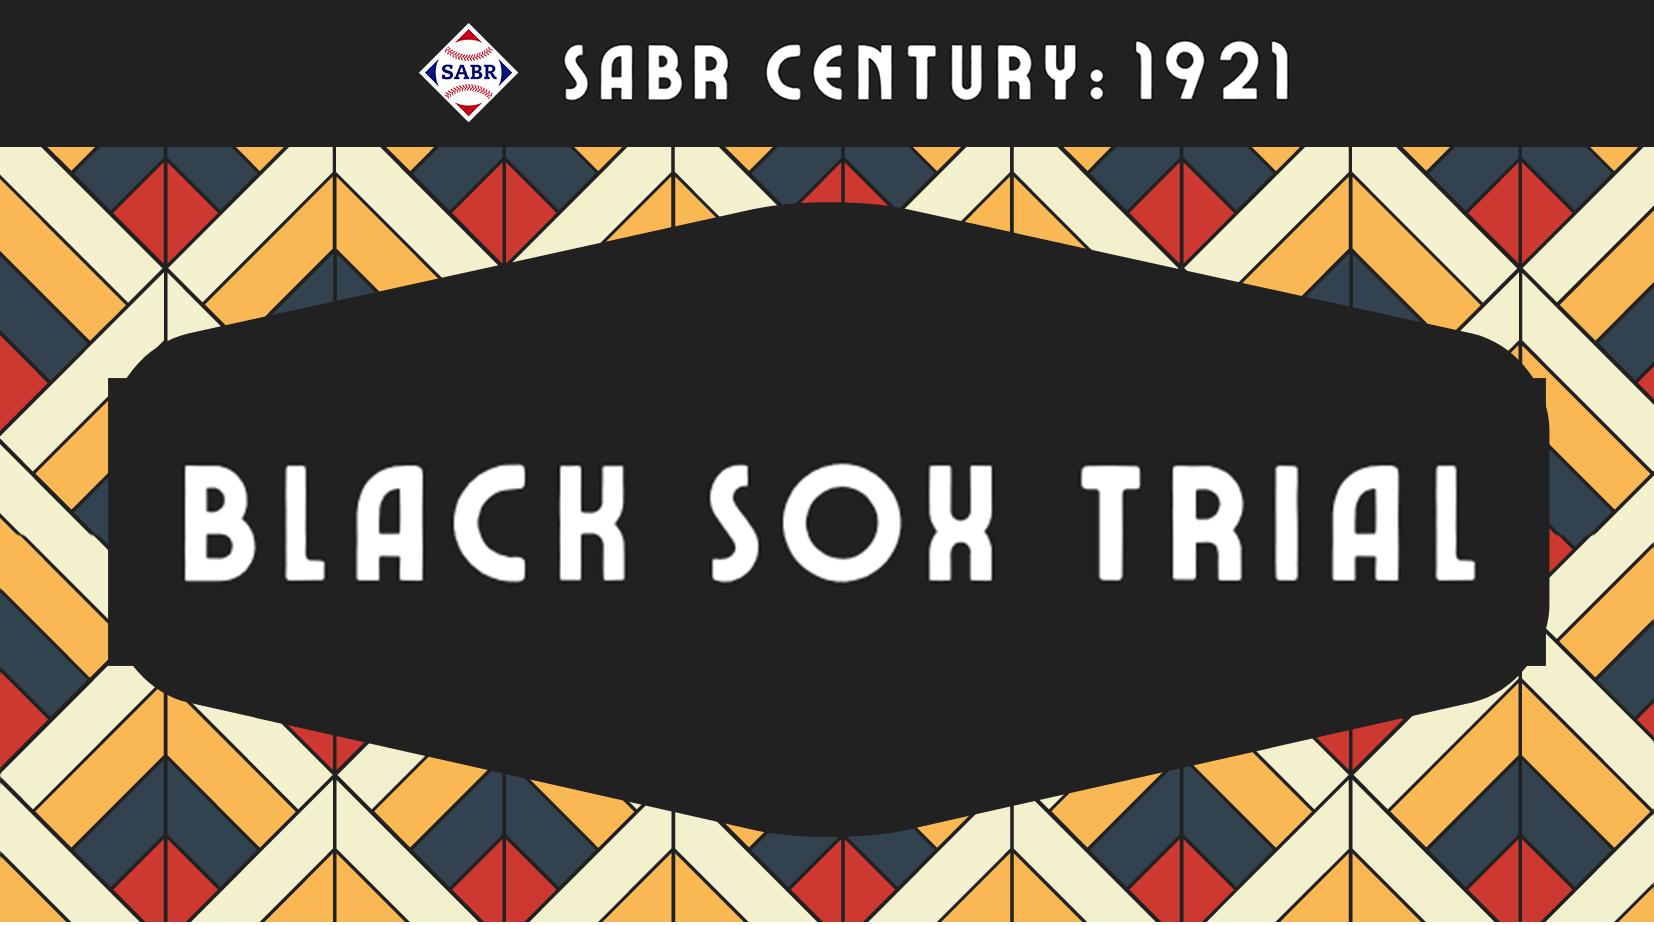 SABR Century: 1921 Black Sox Trial